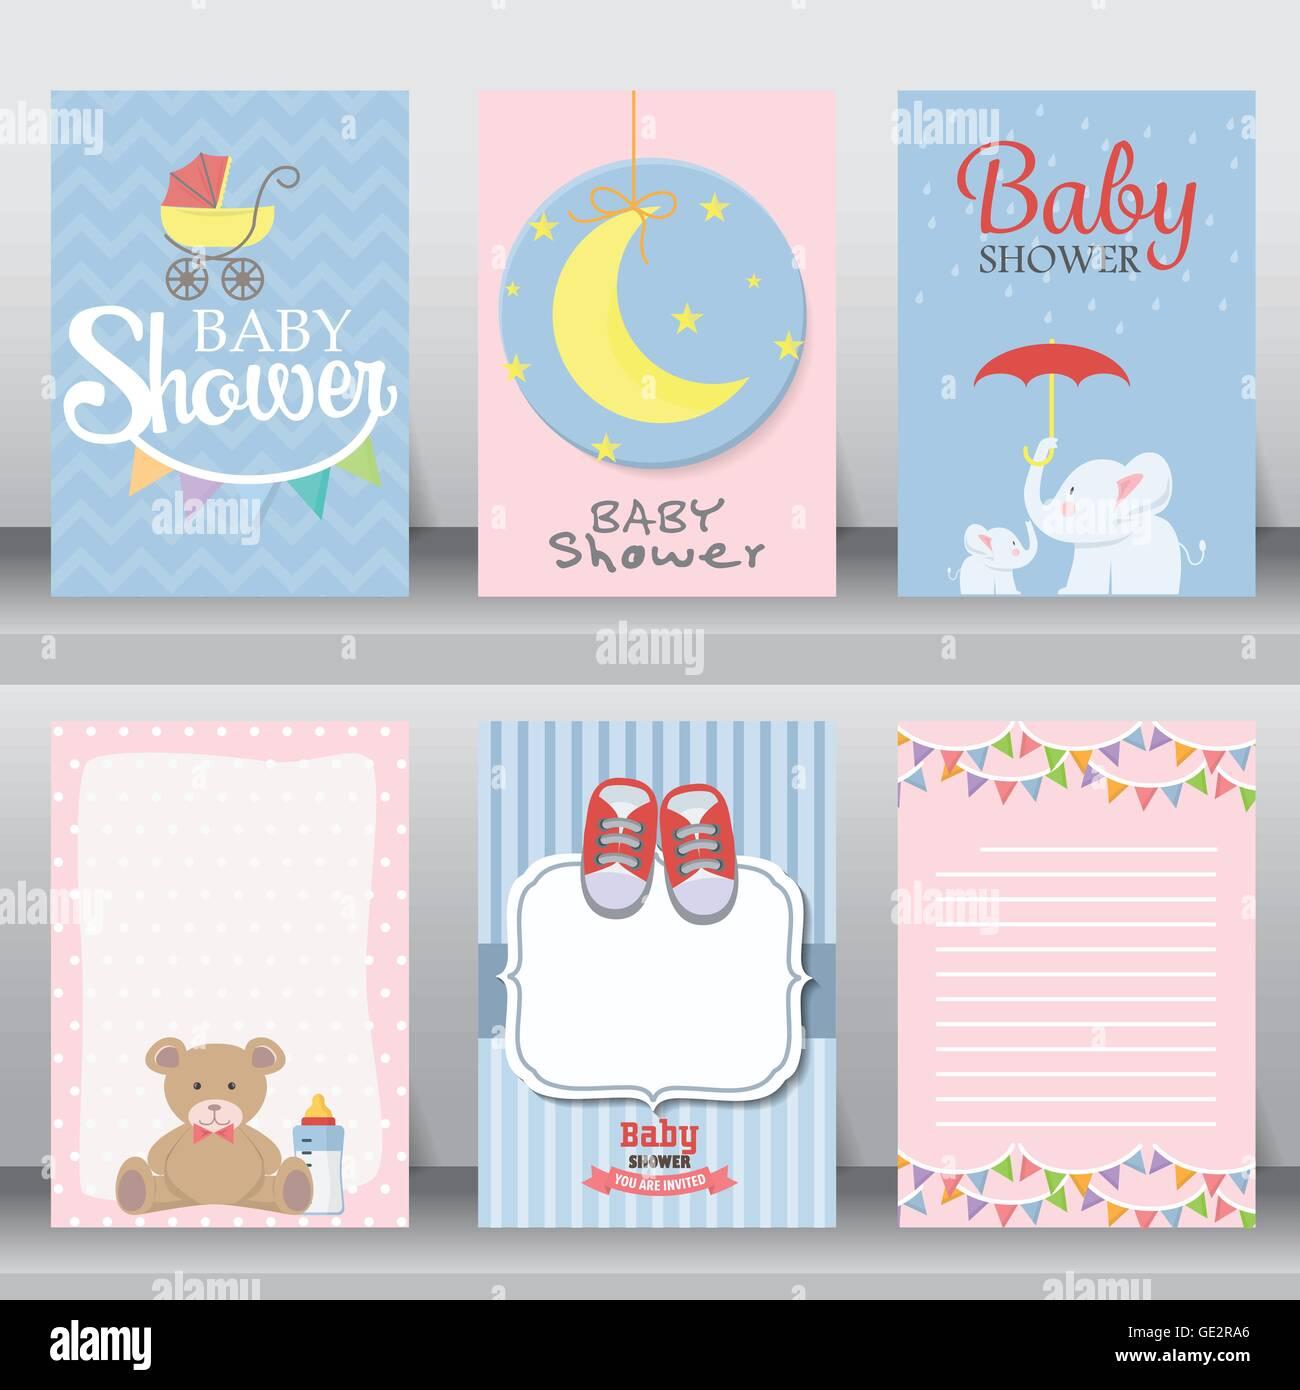 Baby-Dusche Partei Gruß und Einladung-Karte. Layout-Vorlage im A4 ...